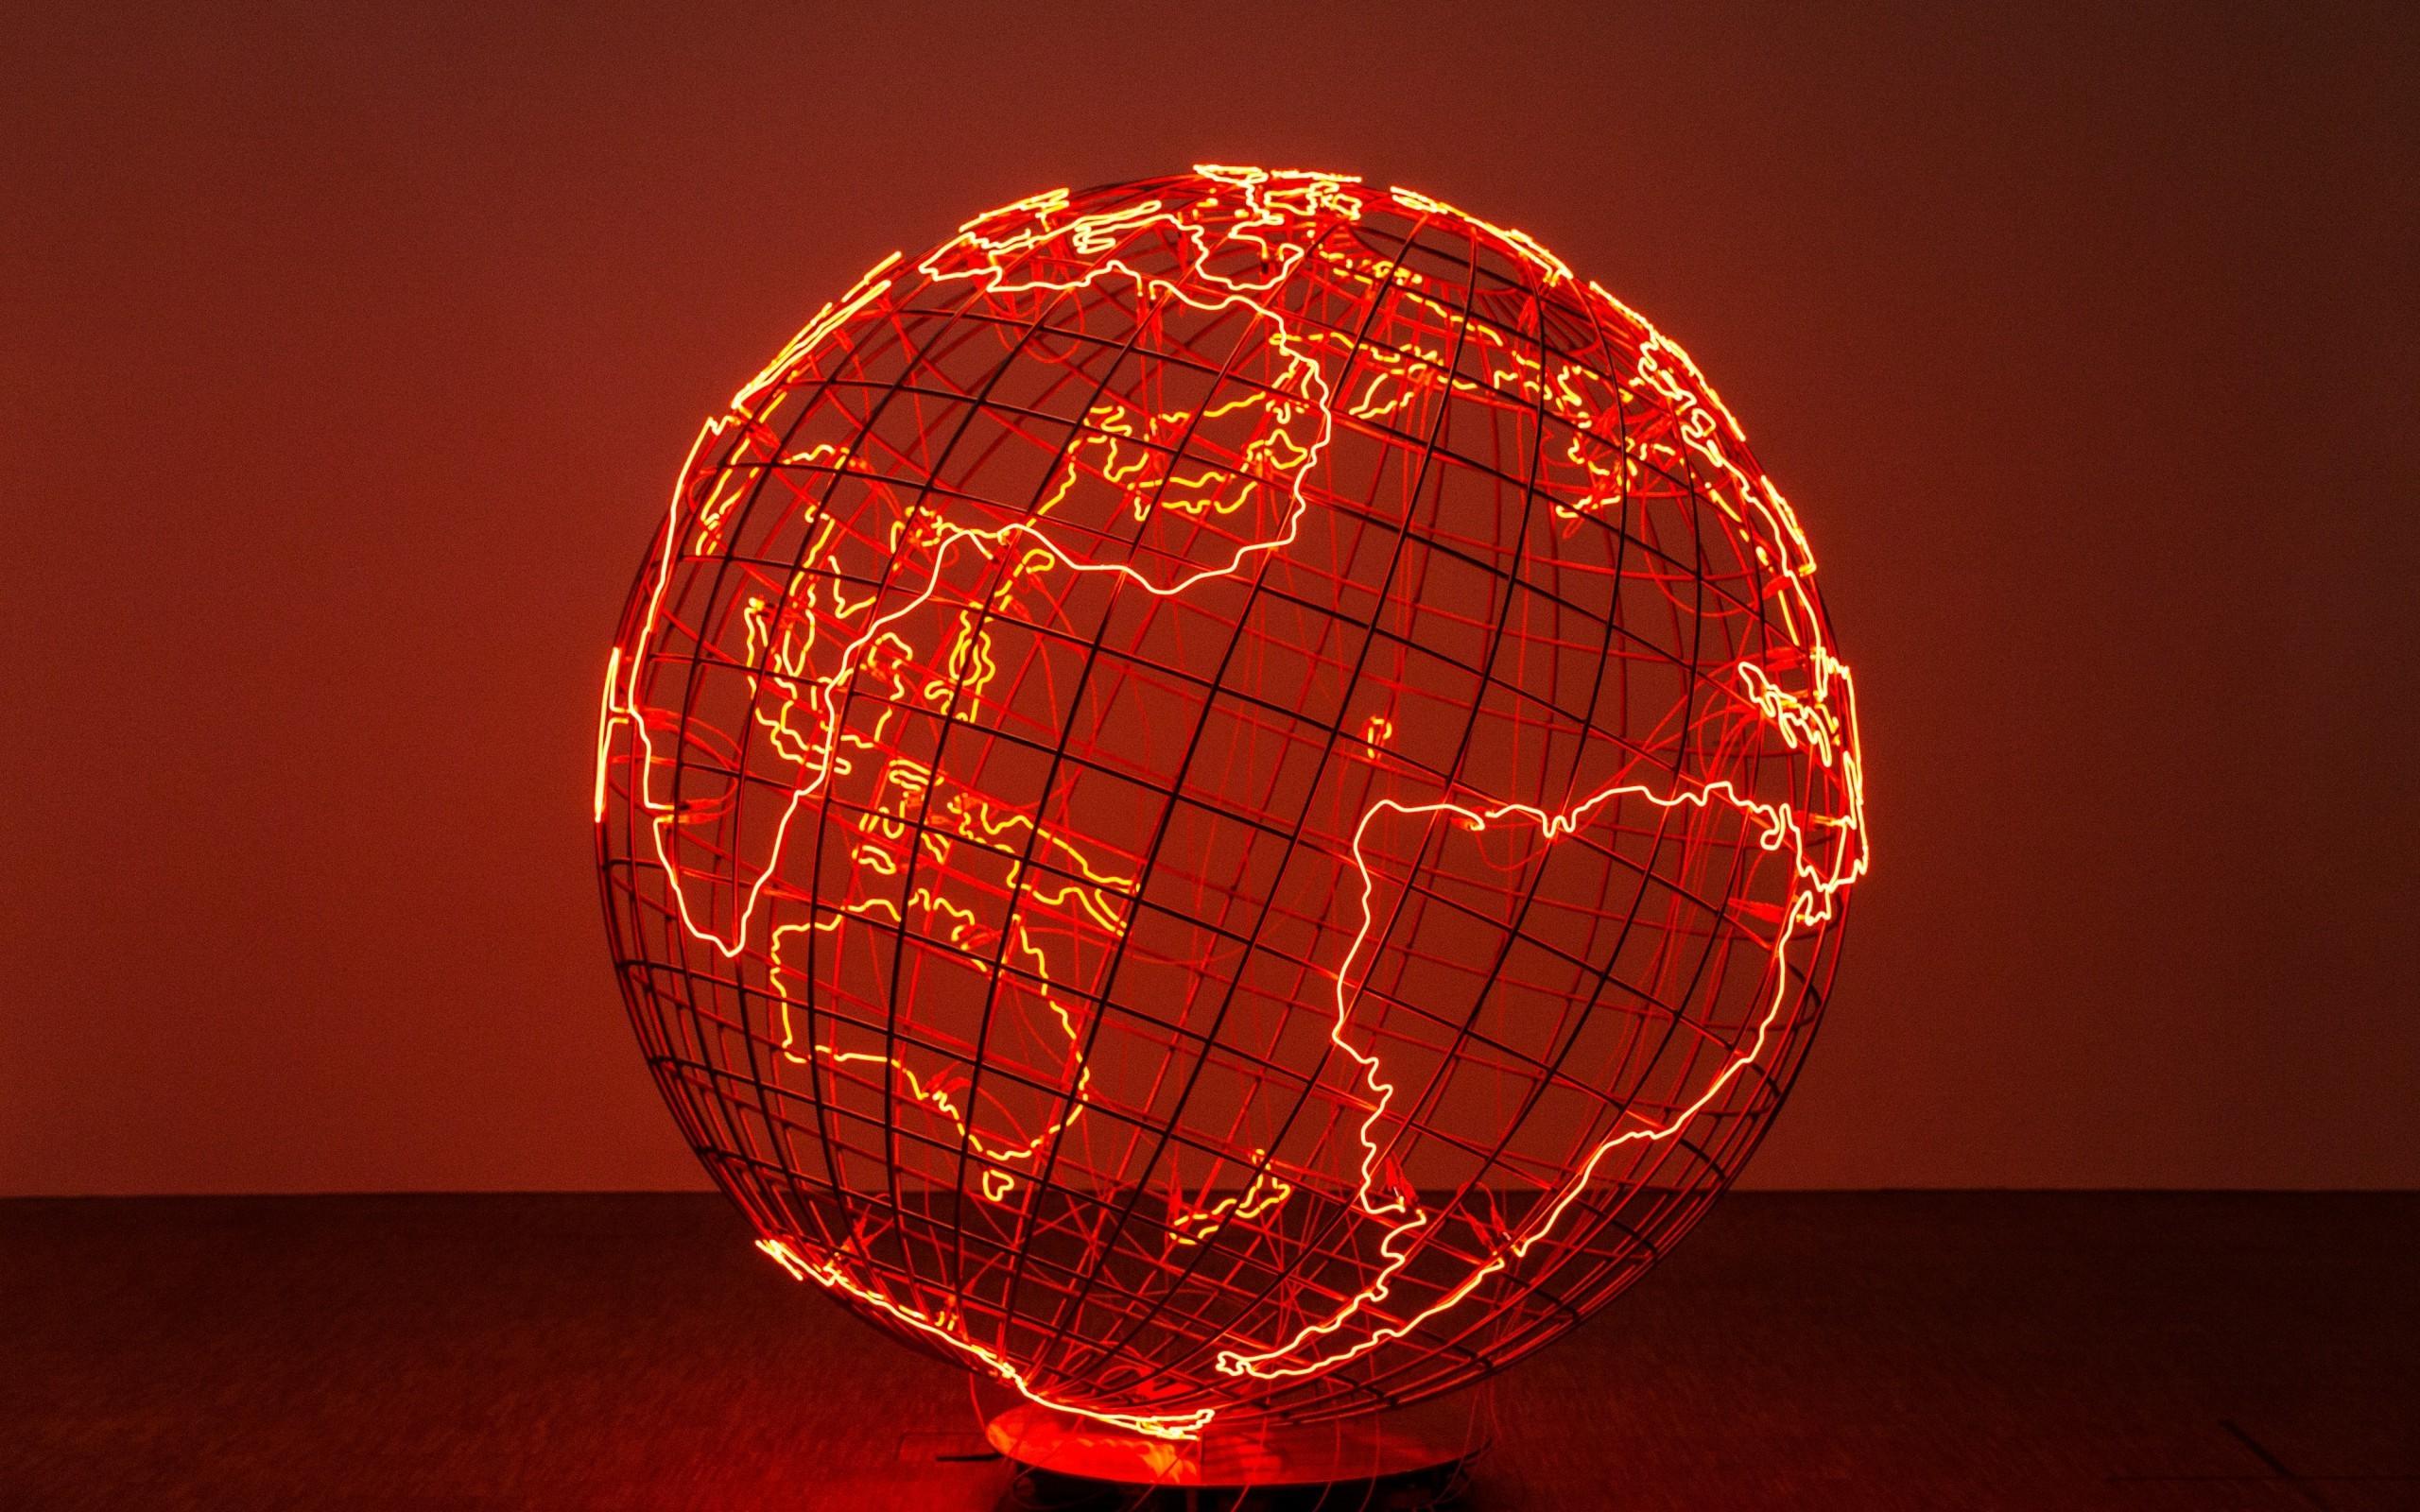 Hintergrundbilder : 2560x1600 px, Afrika, Antarktis, Kunstwerk ...